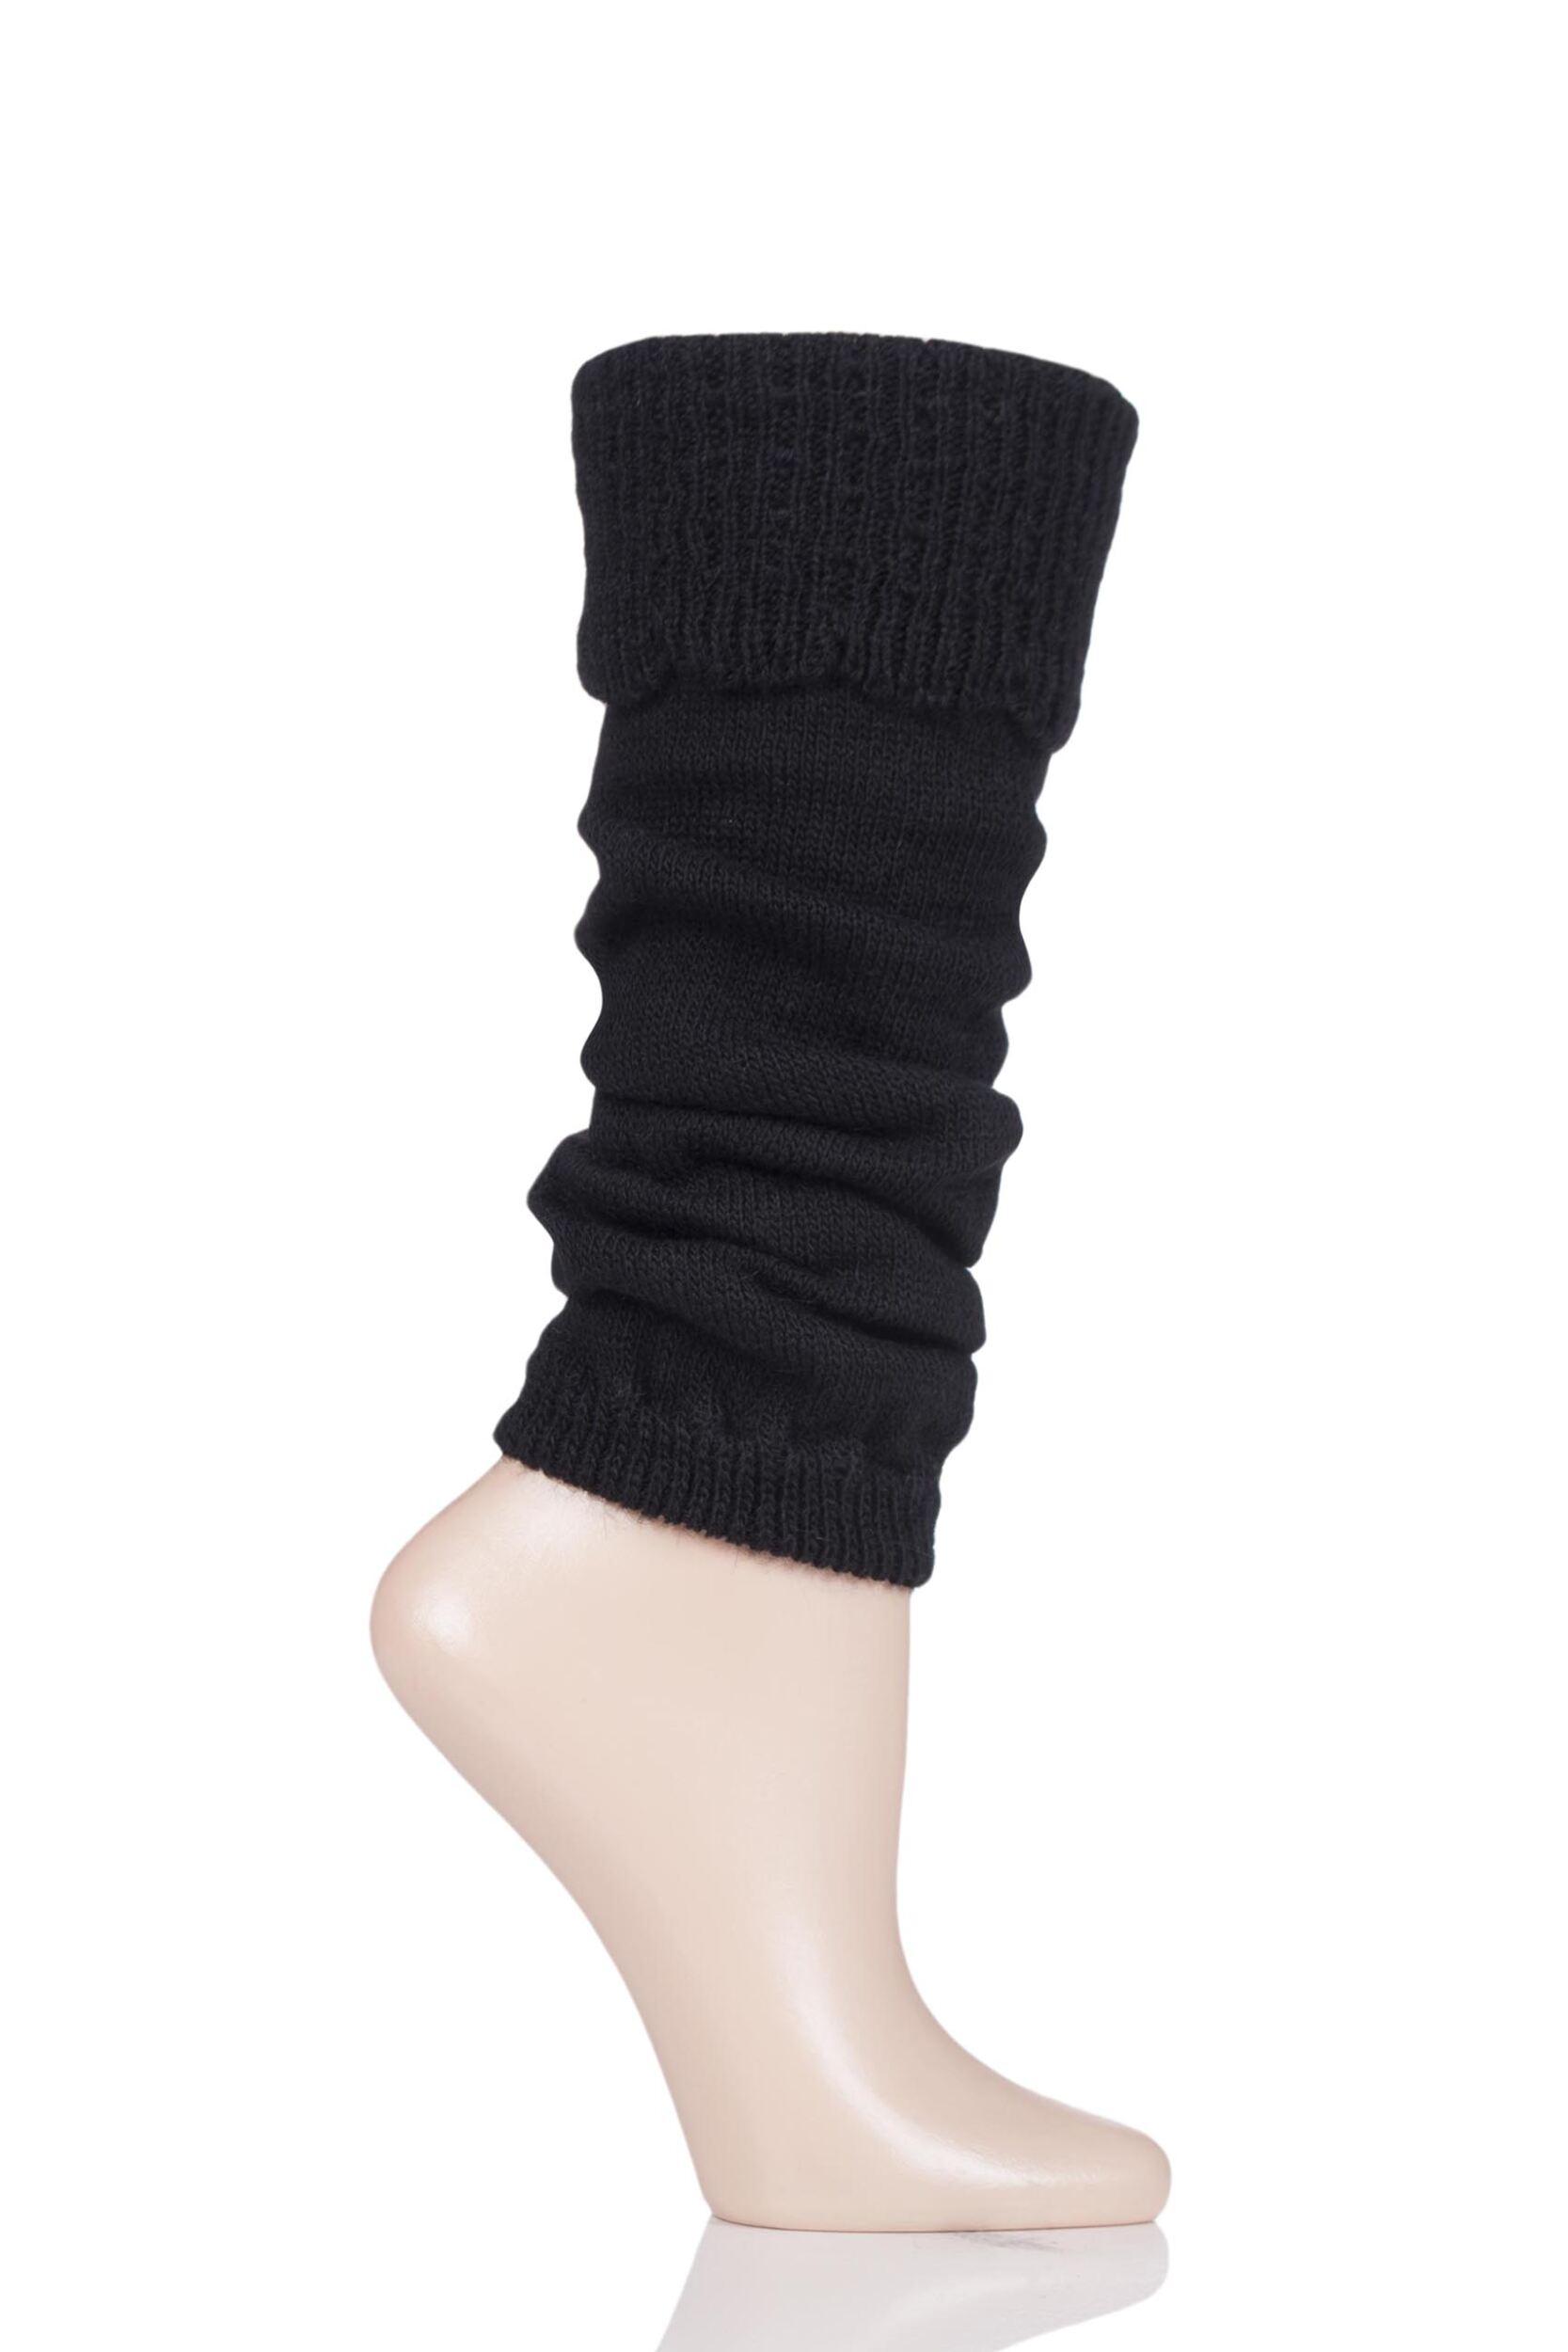 Image of Ladies 1 Pair Falke Rural Wool Leg Warmers